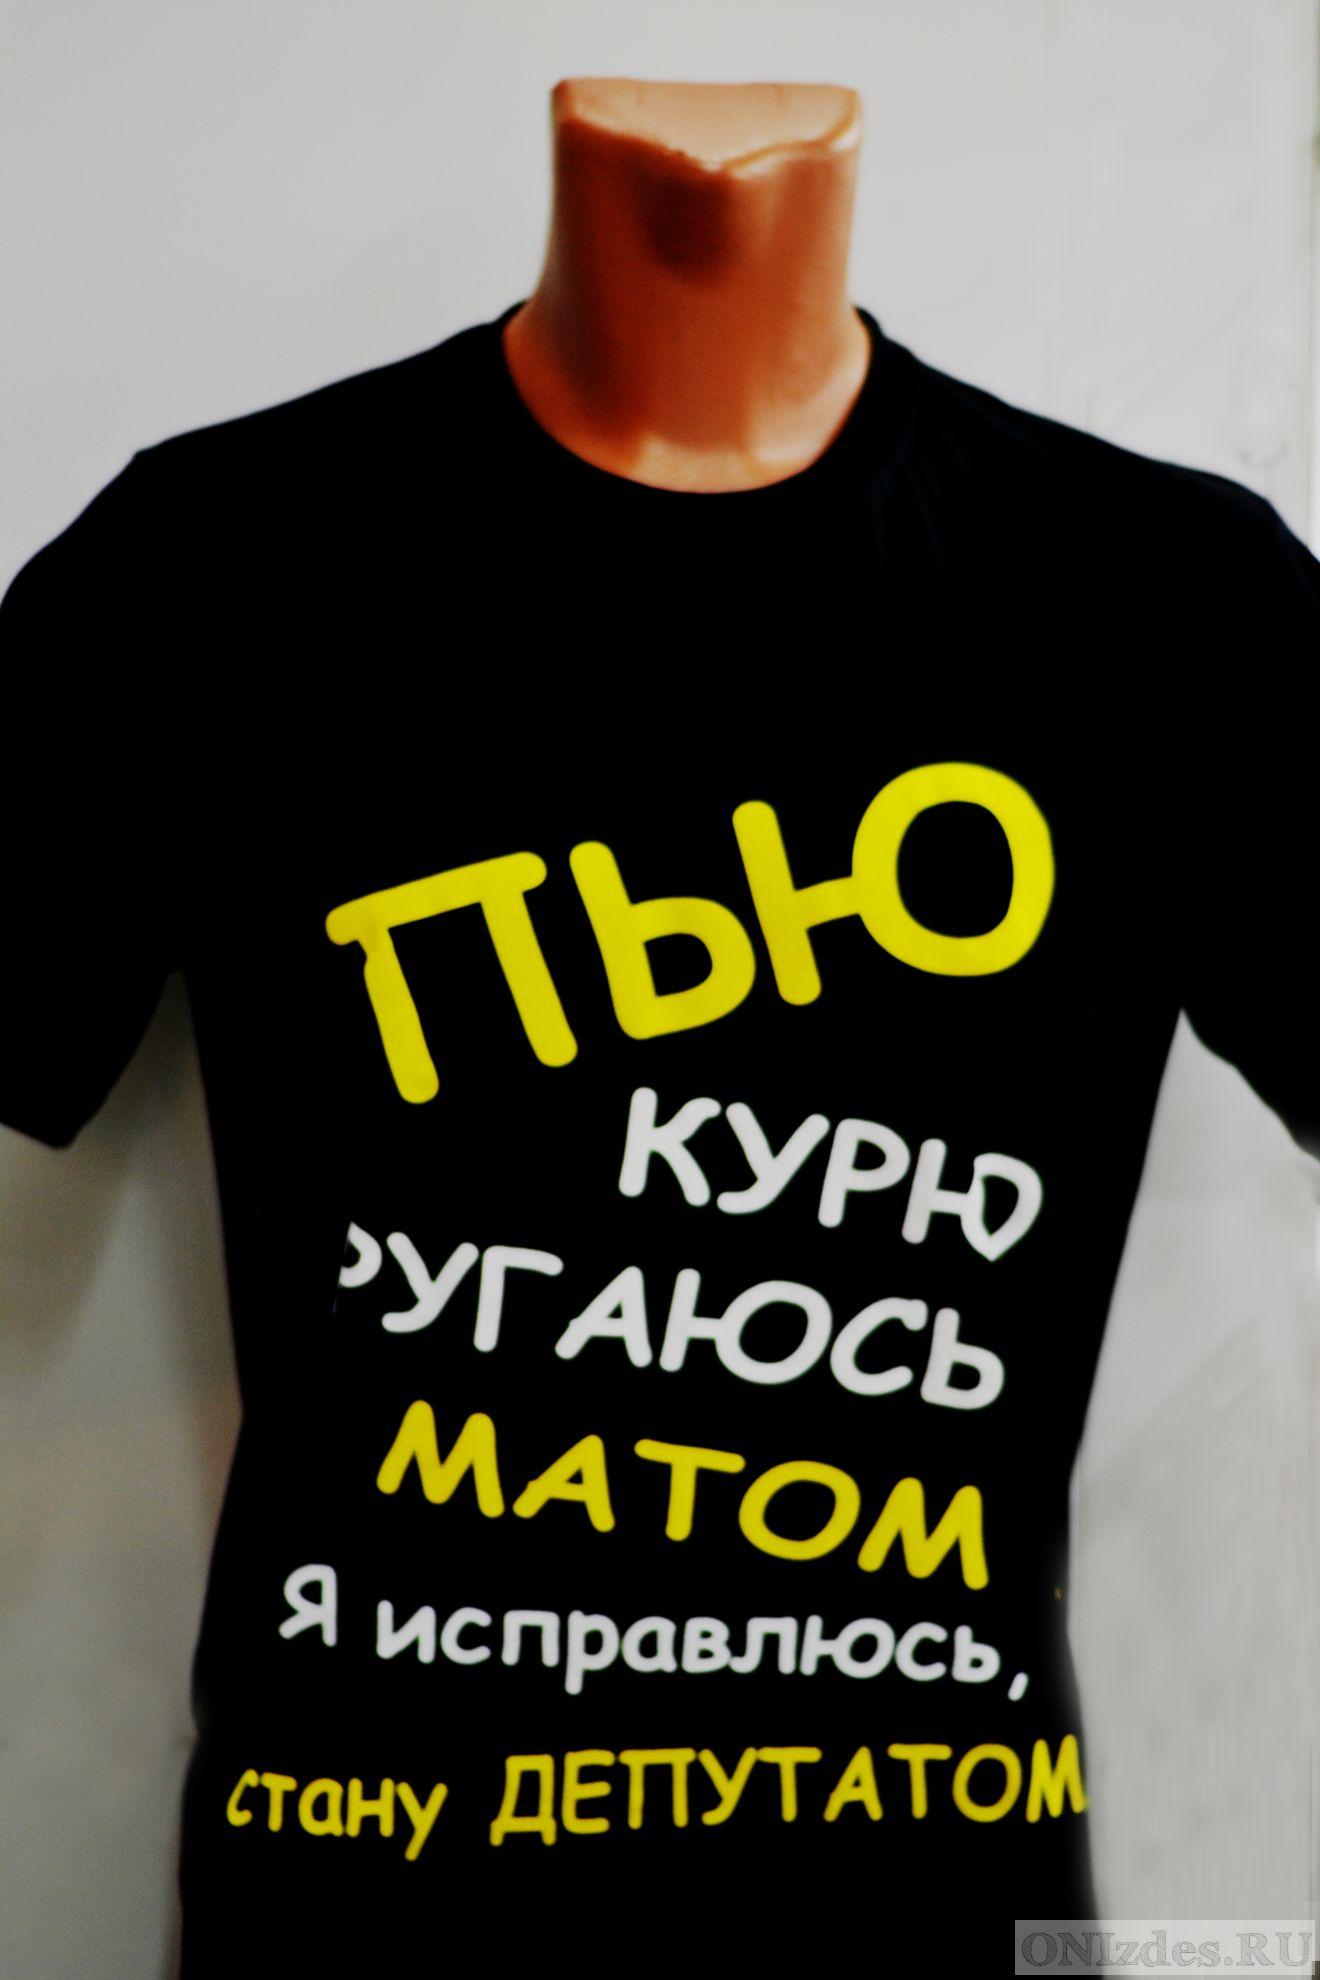 Картинки по запросу футболка с матом